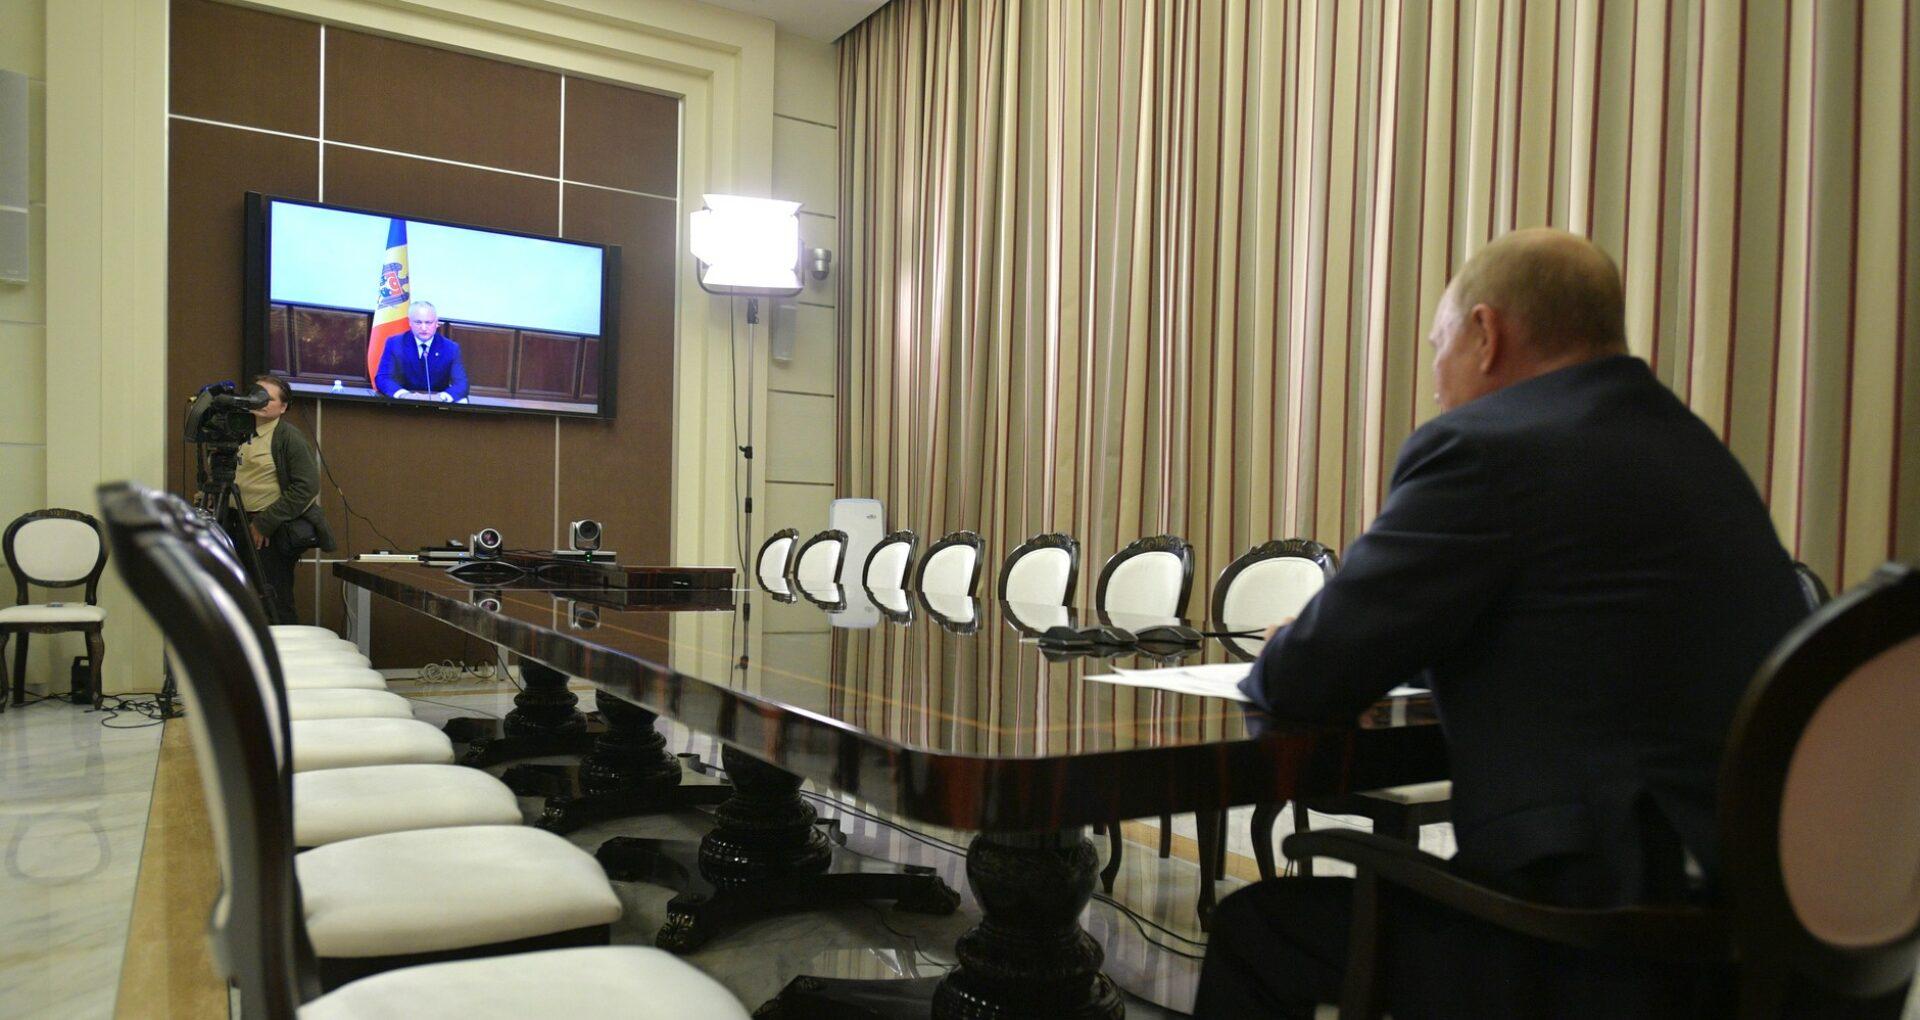 VIDEO/ Promisiuni în ajun de alegeri de la Kremlin pentru Igor Dodon: Vladimir Putin anunță că va oferi motorină de o jumătate de miliard de ruble pentru agricultorii moldoveni